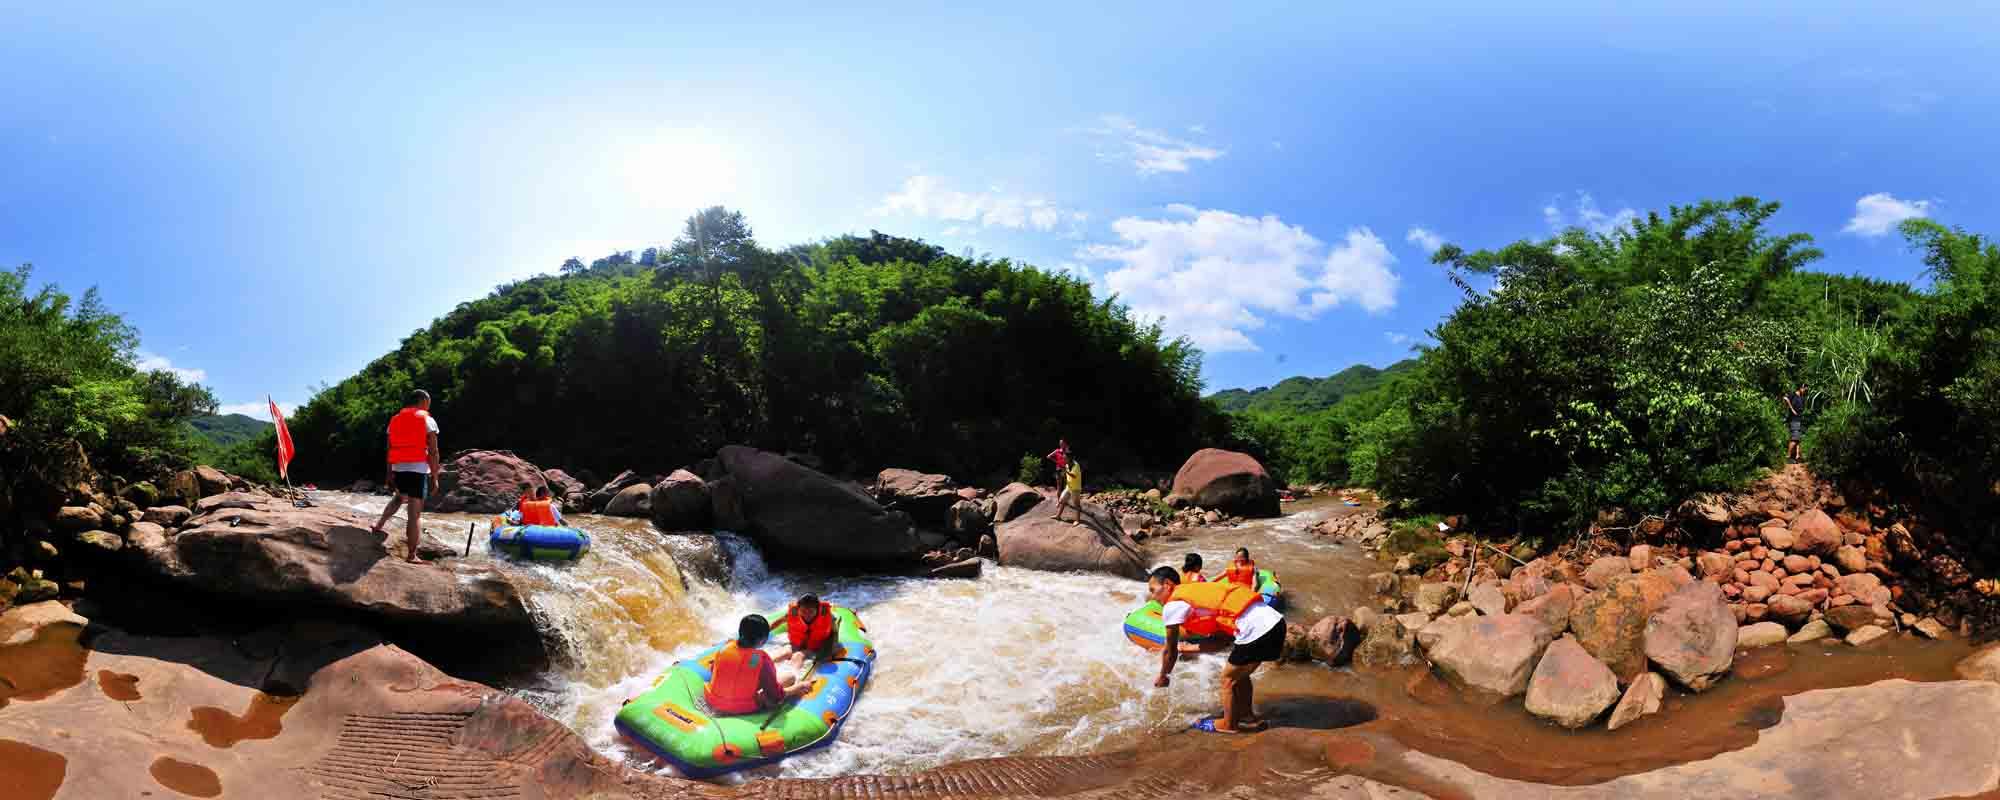 黔东南虚拟旅游